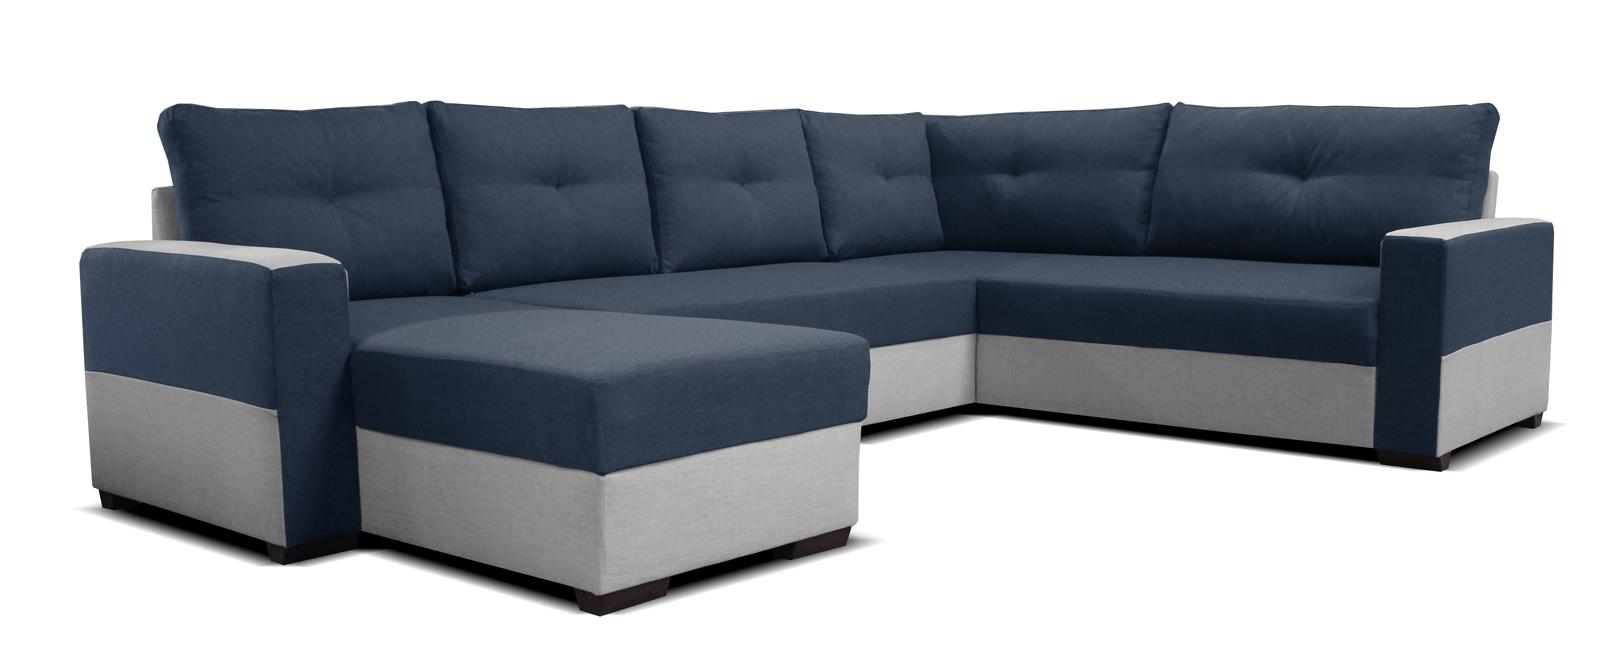 Rohová sedací souprava U - Po-Sed - Arenna L+2+BL (s taburetem) (modrá + šedá) (L)